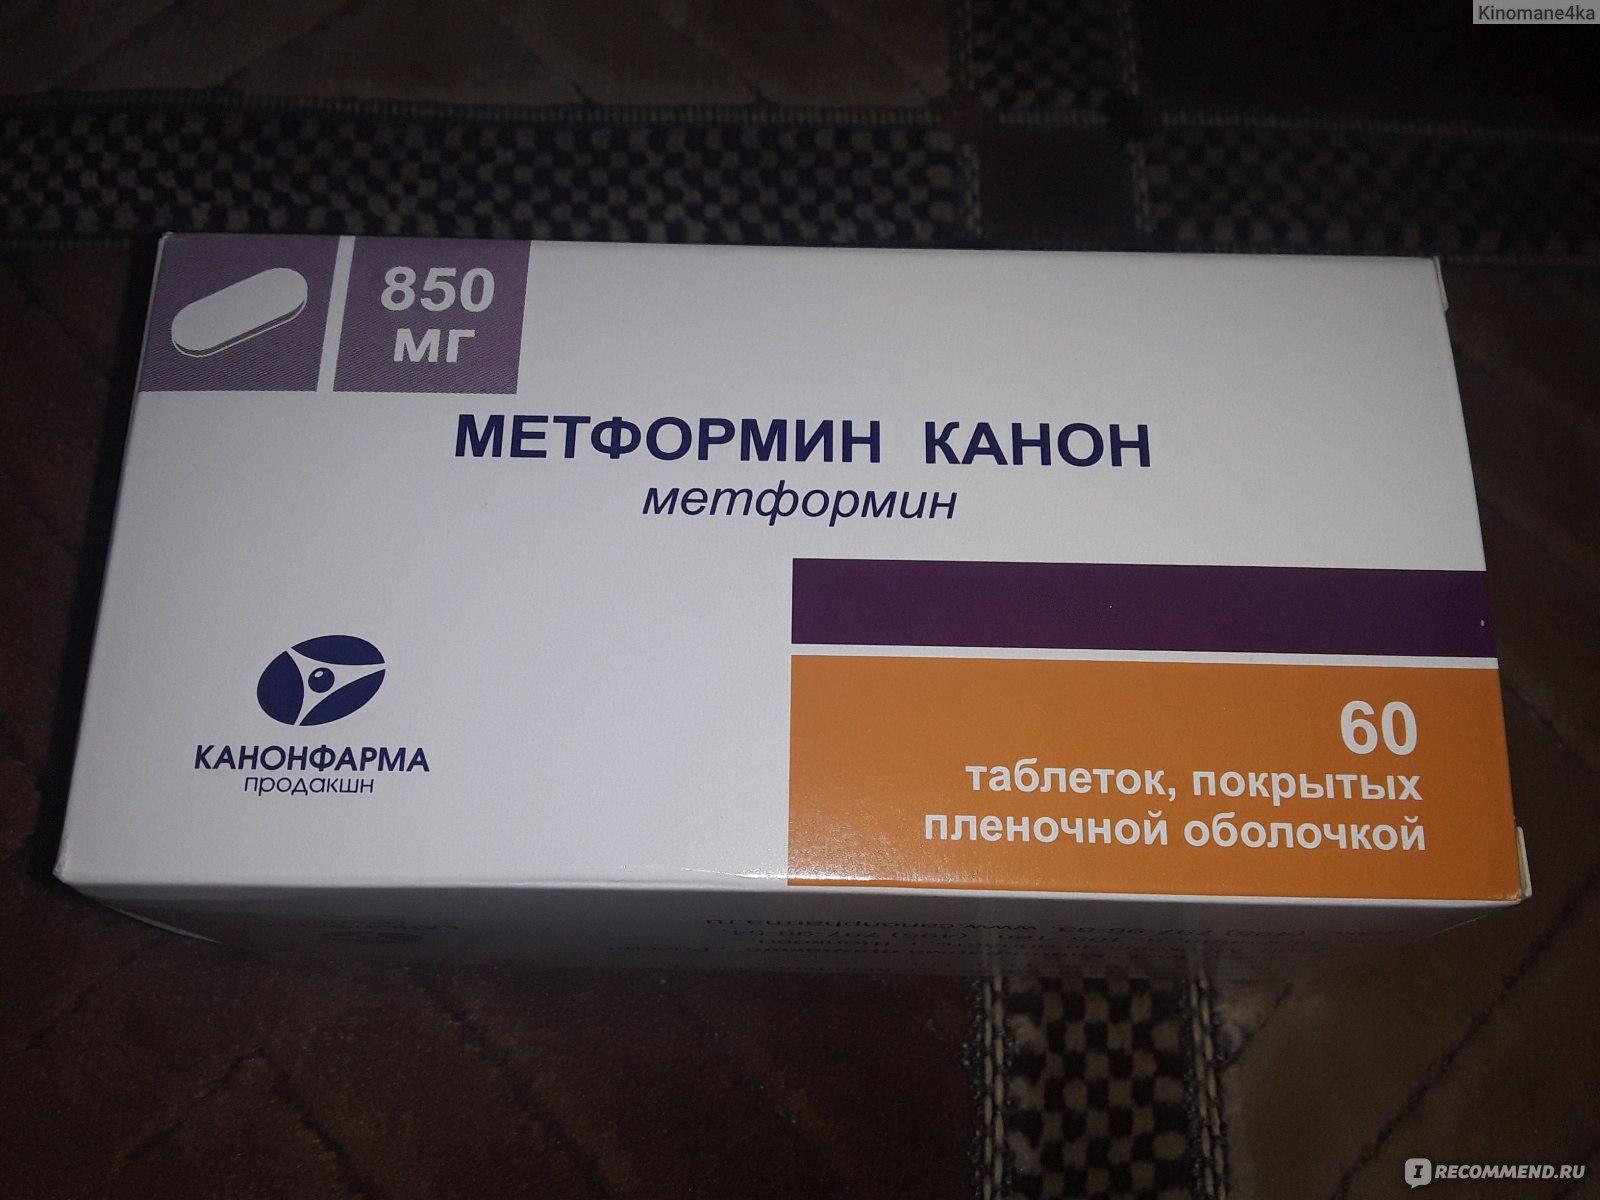 Метформин Дозировка Для Похудения. Применение метформина для похудения